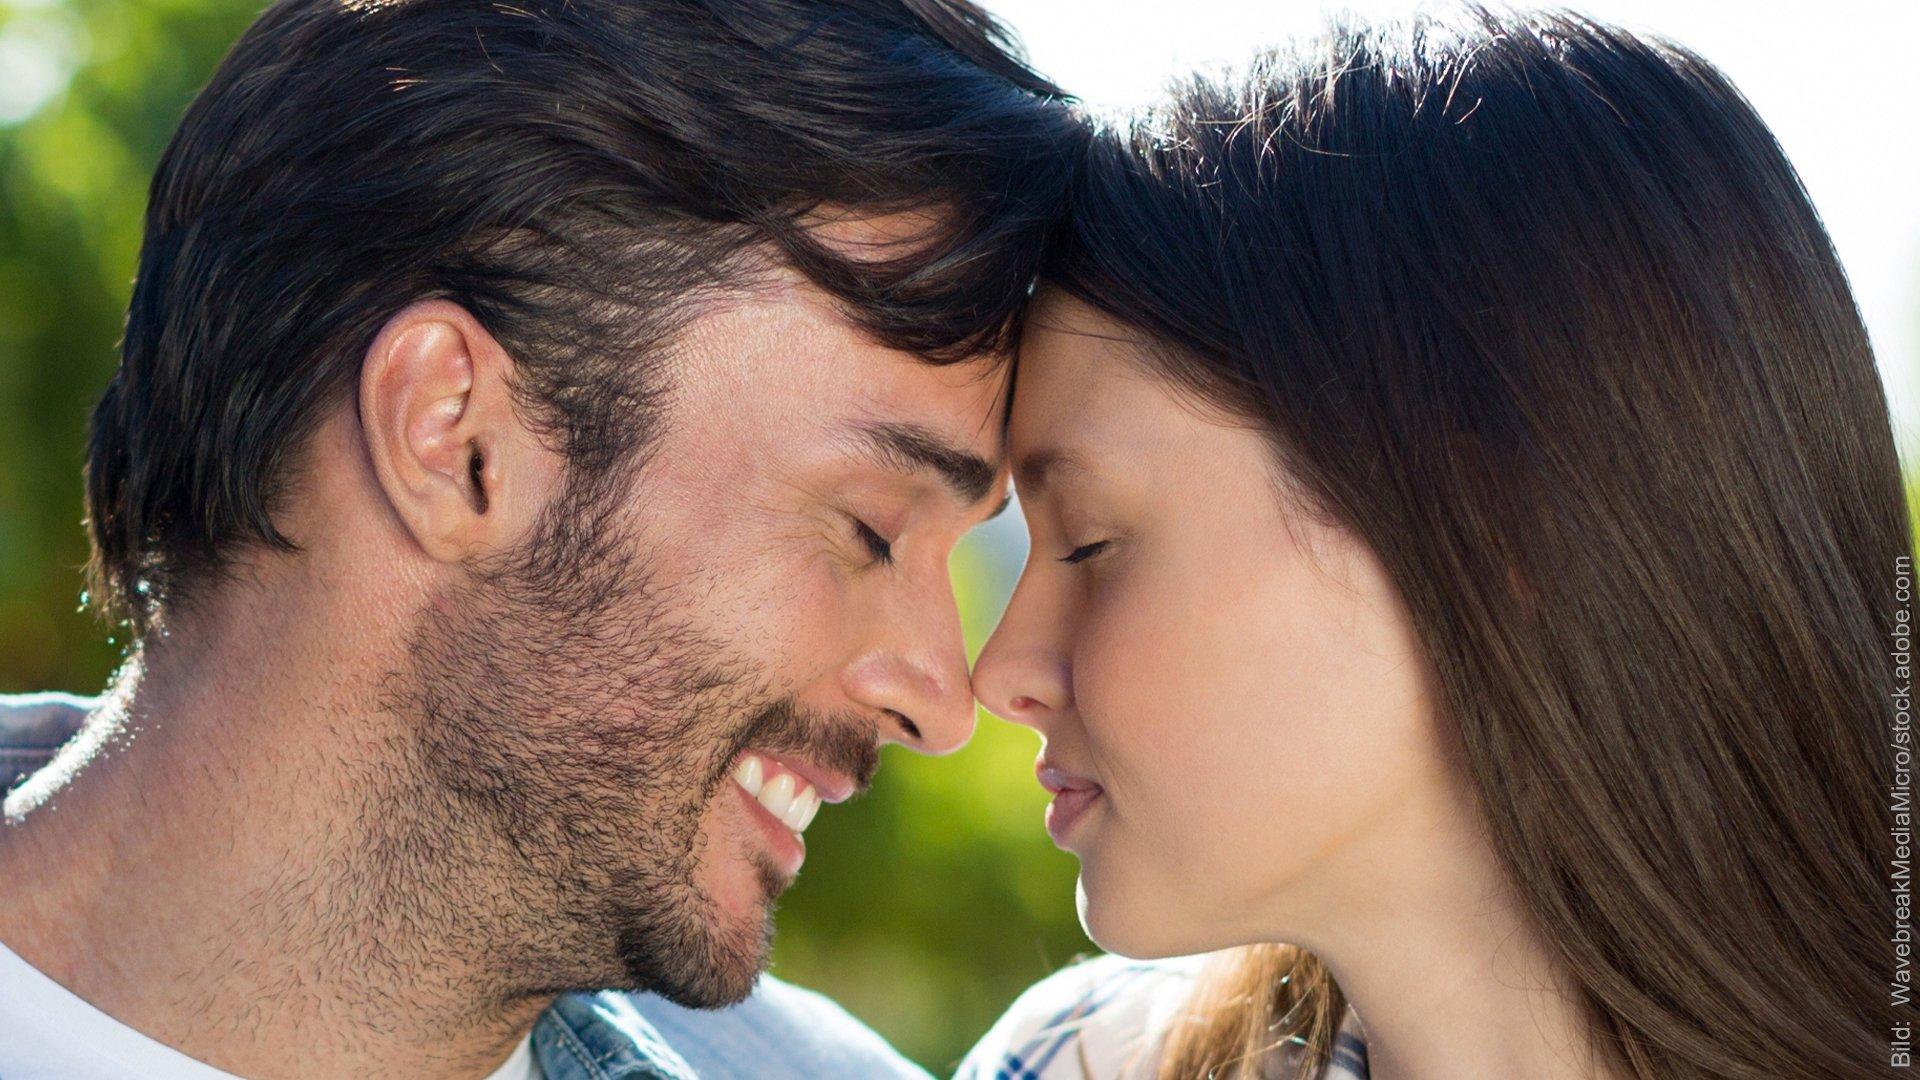 Präventive Paartherapie - wie gelingt Glück? Paar schaut sich verliebt an.